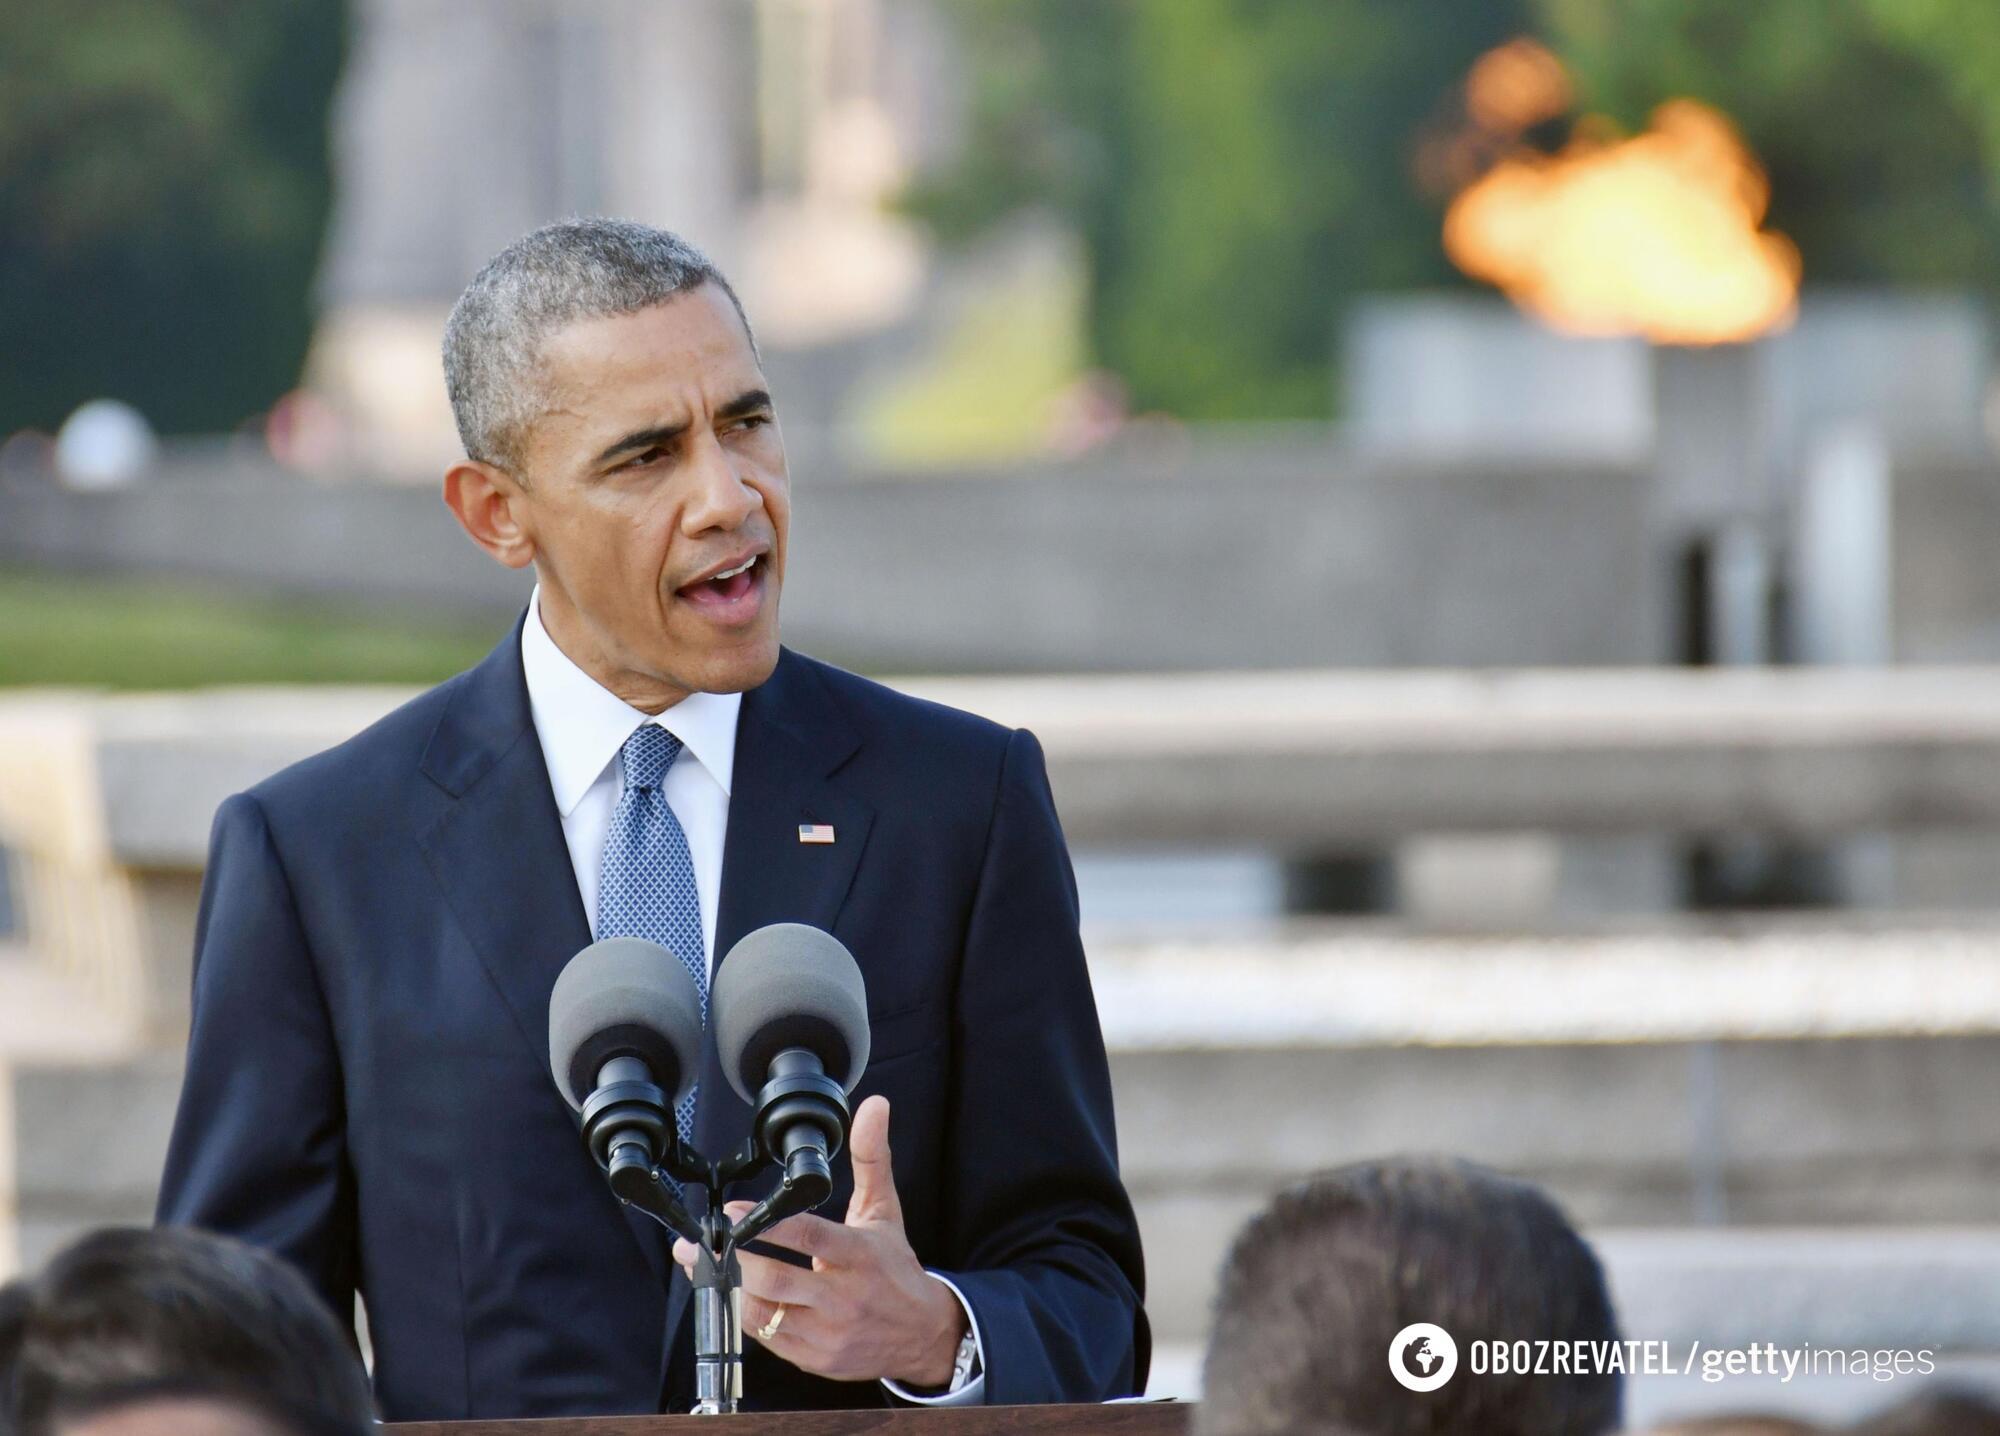 Барак Обама – один из самых выдающихся ораторов современности